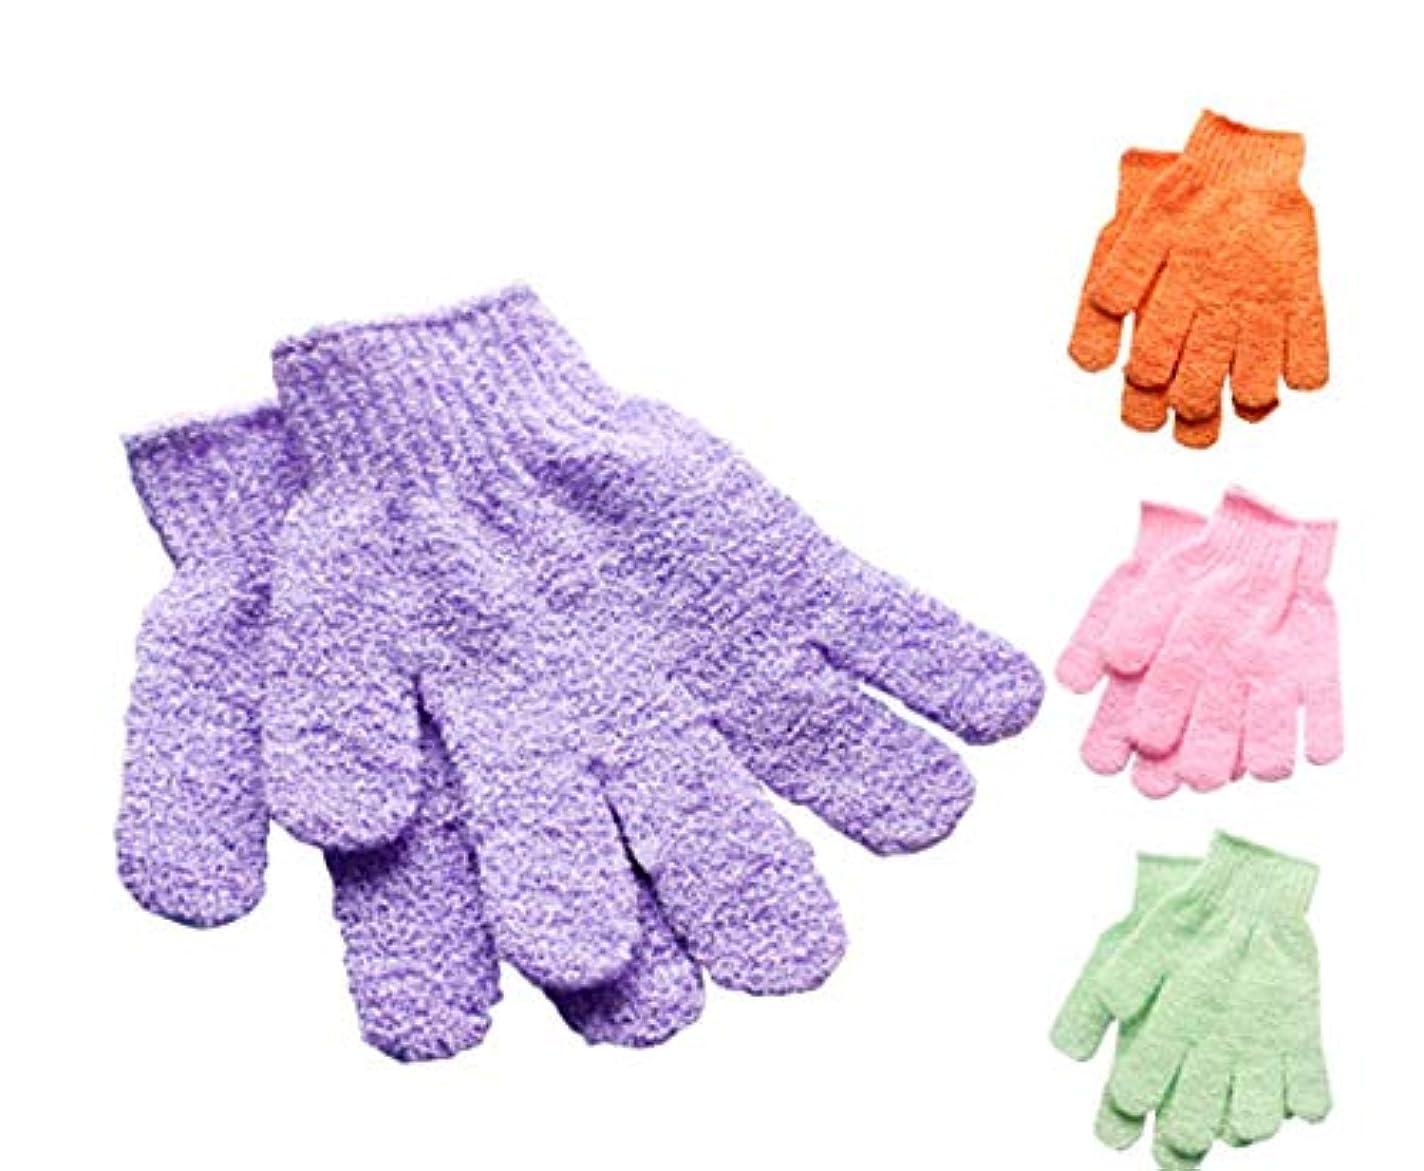 に付ける頼む補充やさしく垢を取る垢すり手袋 新発売、、不思議な垢すりタオル 手袋